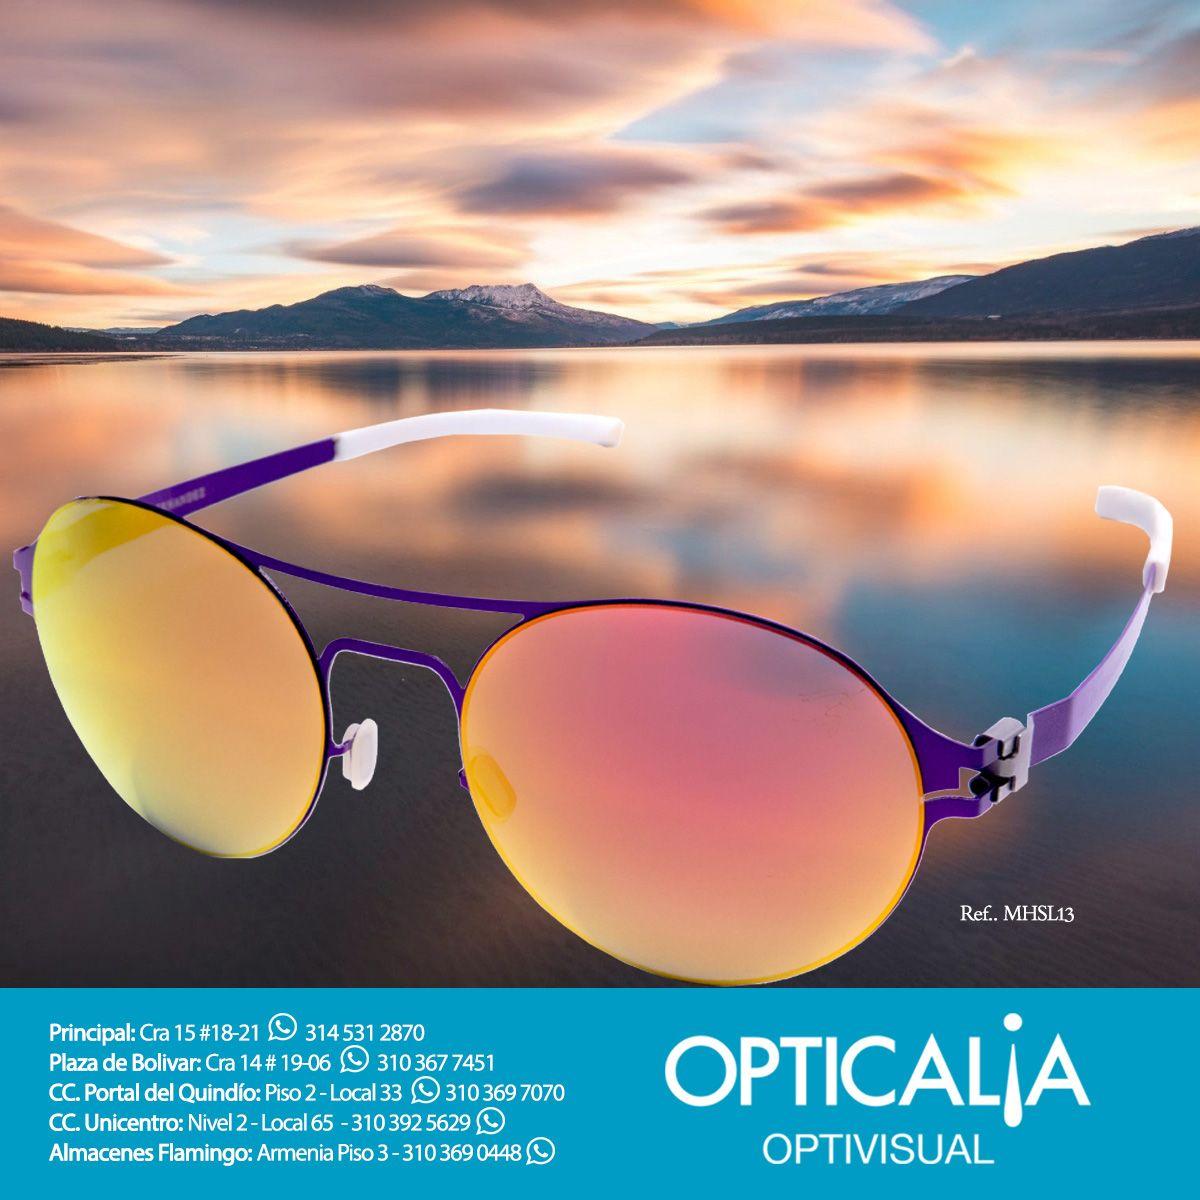 Encuentra gafas espejadas de Mario Hernández en nuestras tiendas #Opticalia #Optivisual en #Armenia y recuerda que si a tus gafas de sol favoritas se le han dañado los lentes, podrás mandarlos a hacer con nosotros en cualquier tonalidad y añadir espejado si quieres. ¡Visítanos!